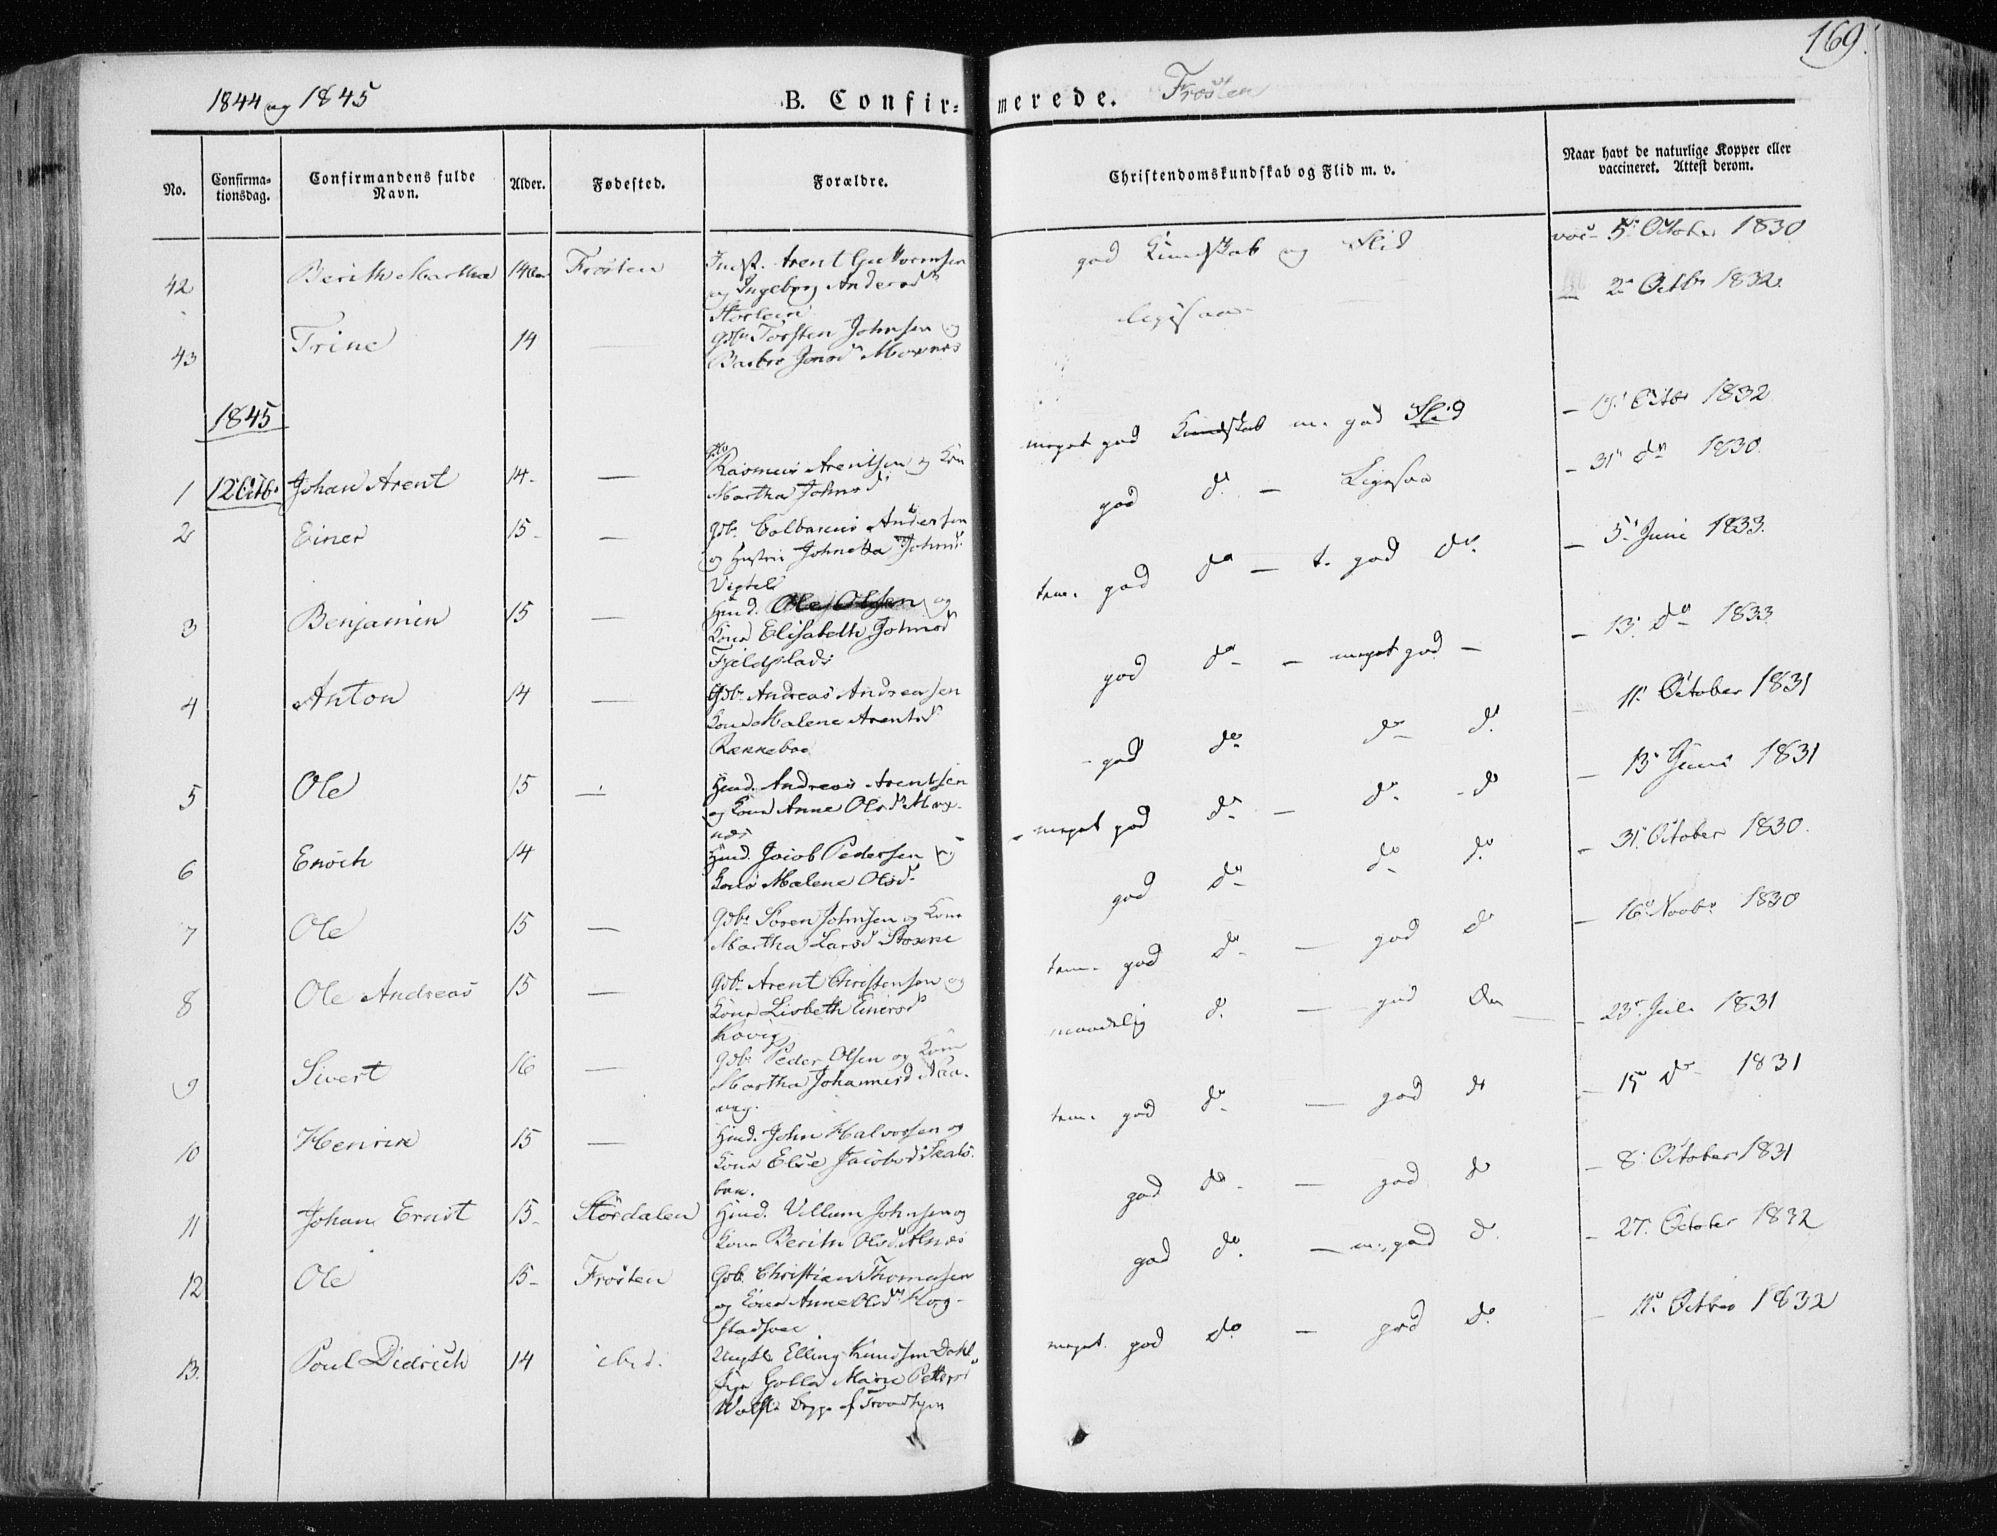 SAT, Ministerialprotokoller, klokkerbøker og fødselsregistre - Nord-Trøndelag, 713/L0115: Ministerialbok nr. 713A06, 1838-1851, s. 169